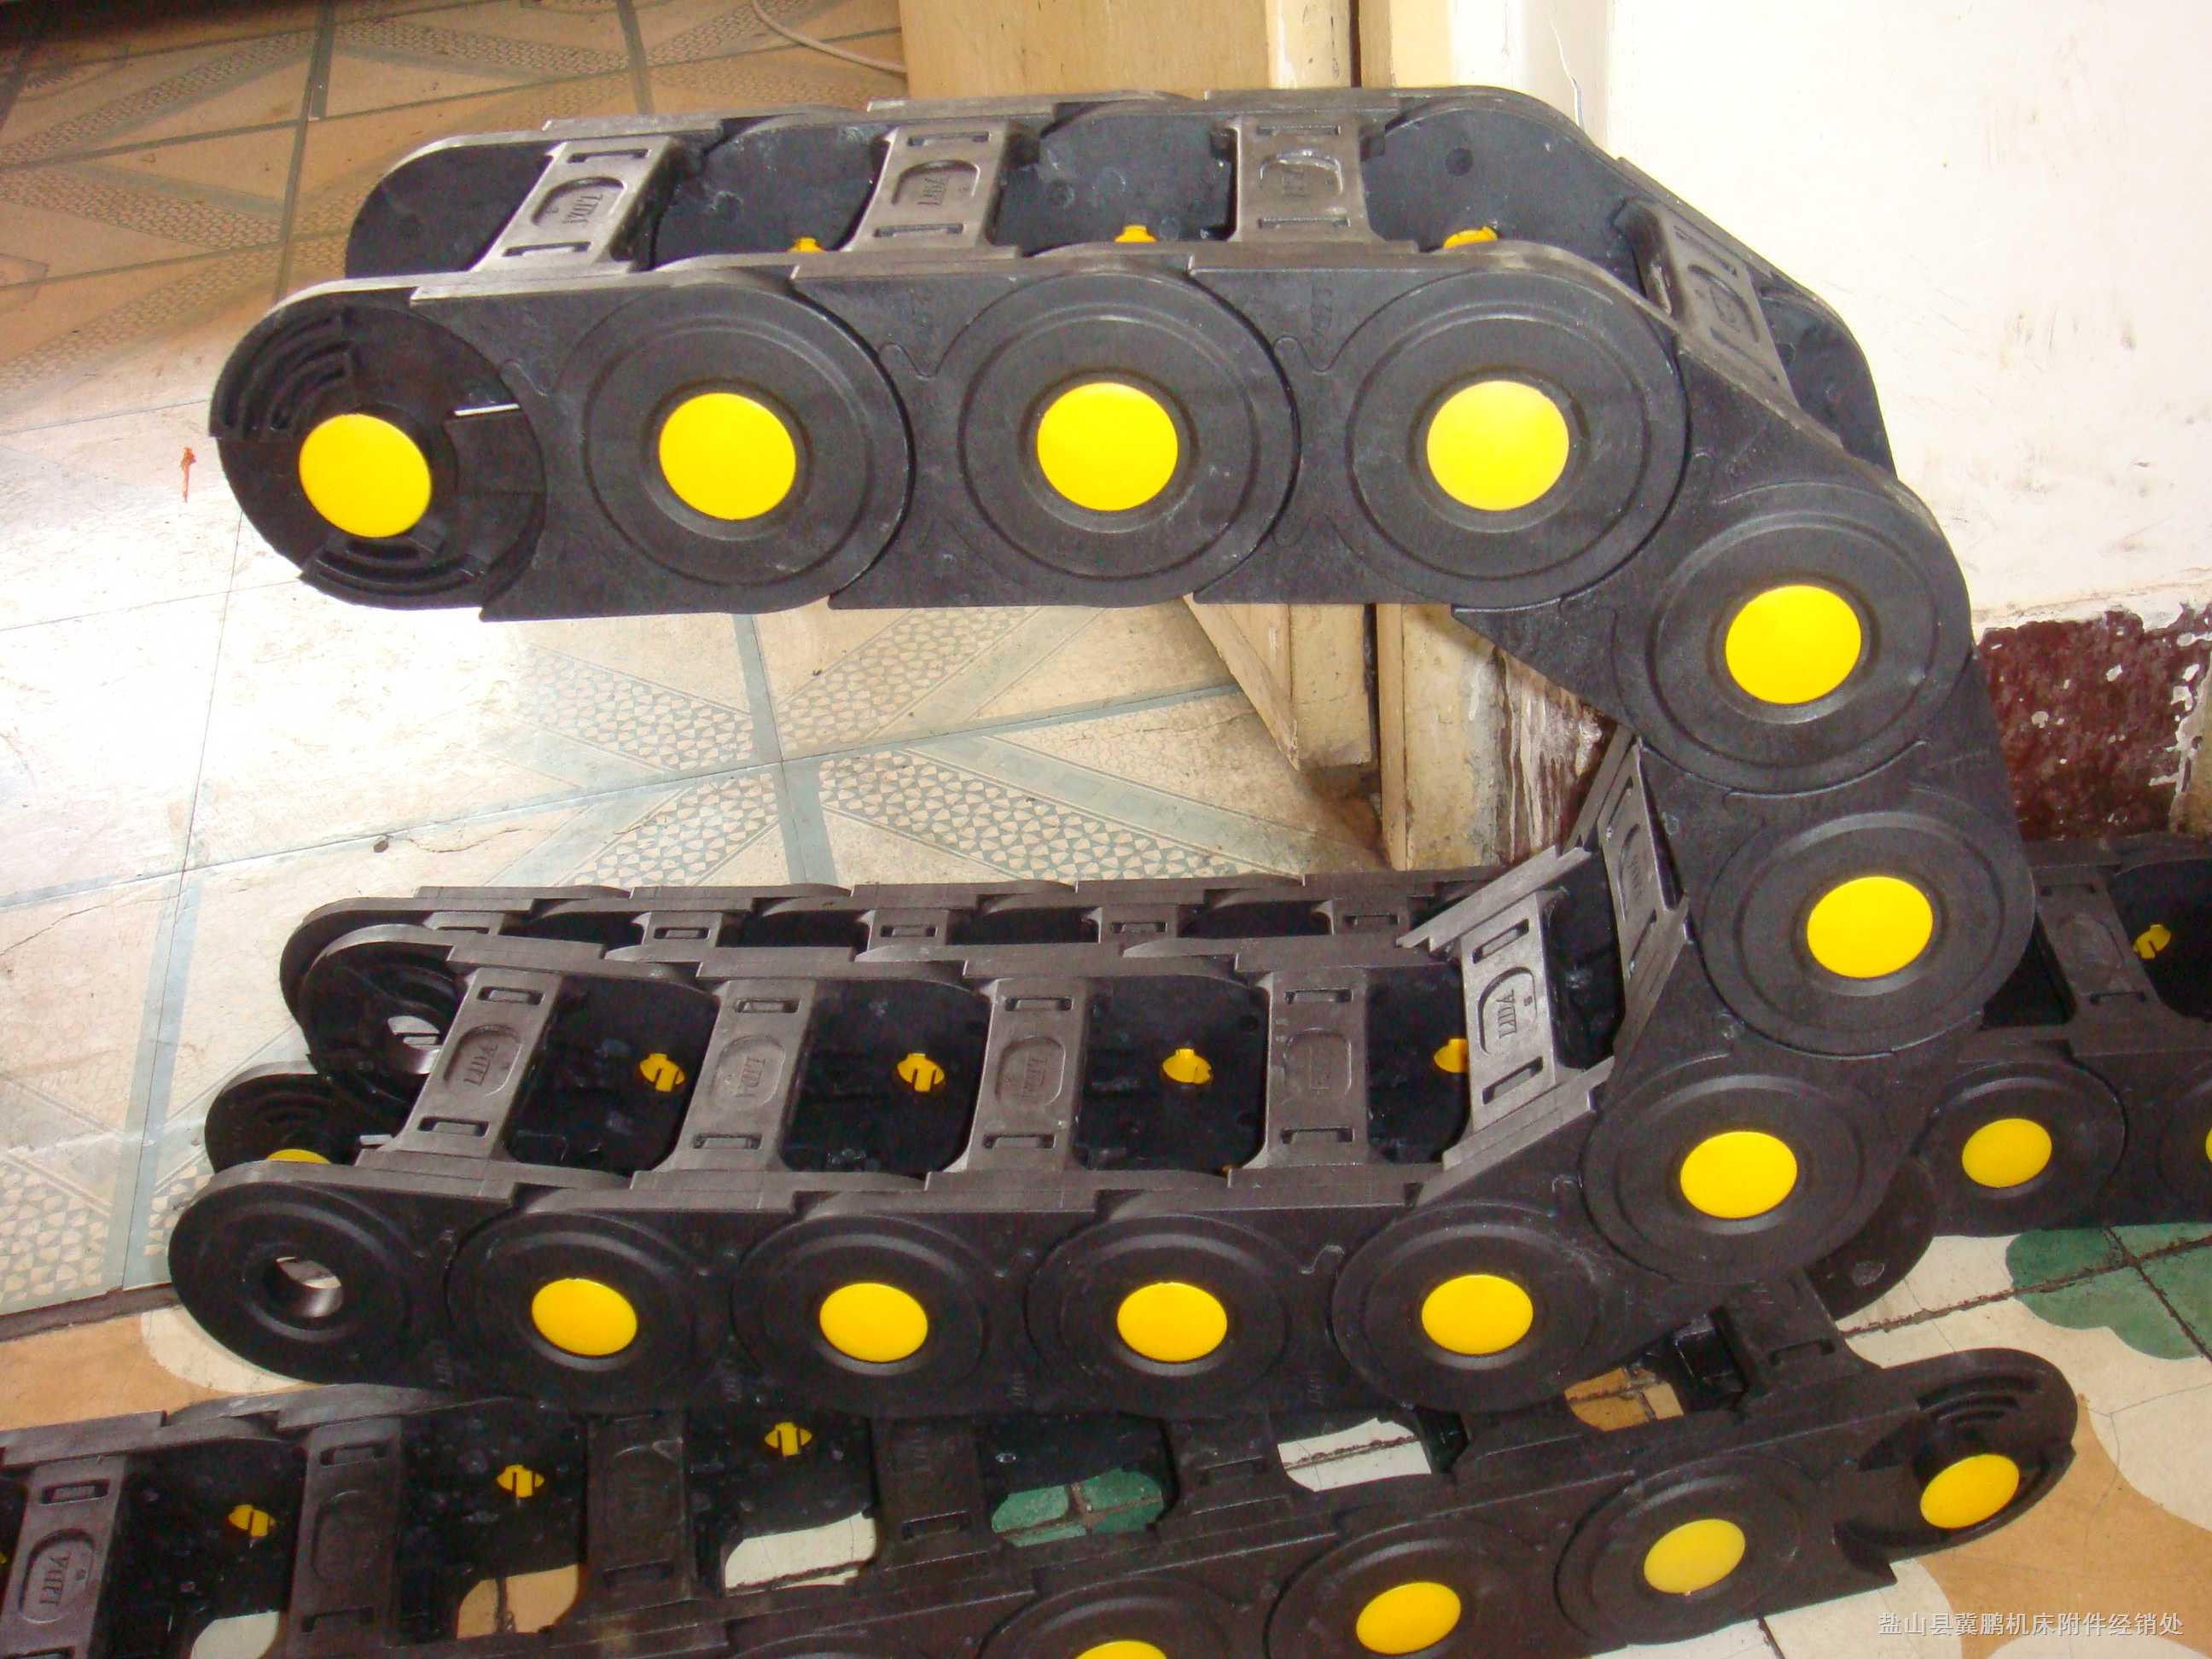 消音型塑料拖链、纯黑色塑料拖链产品图